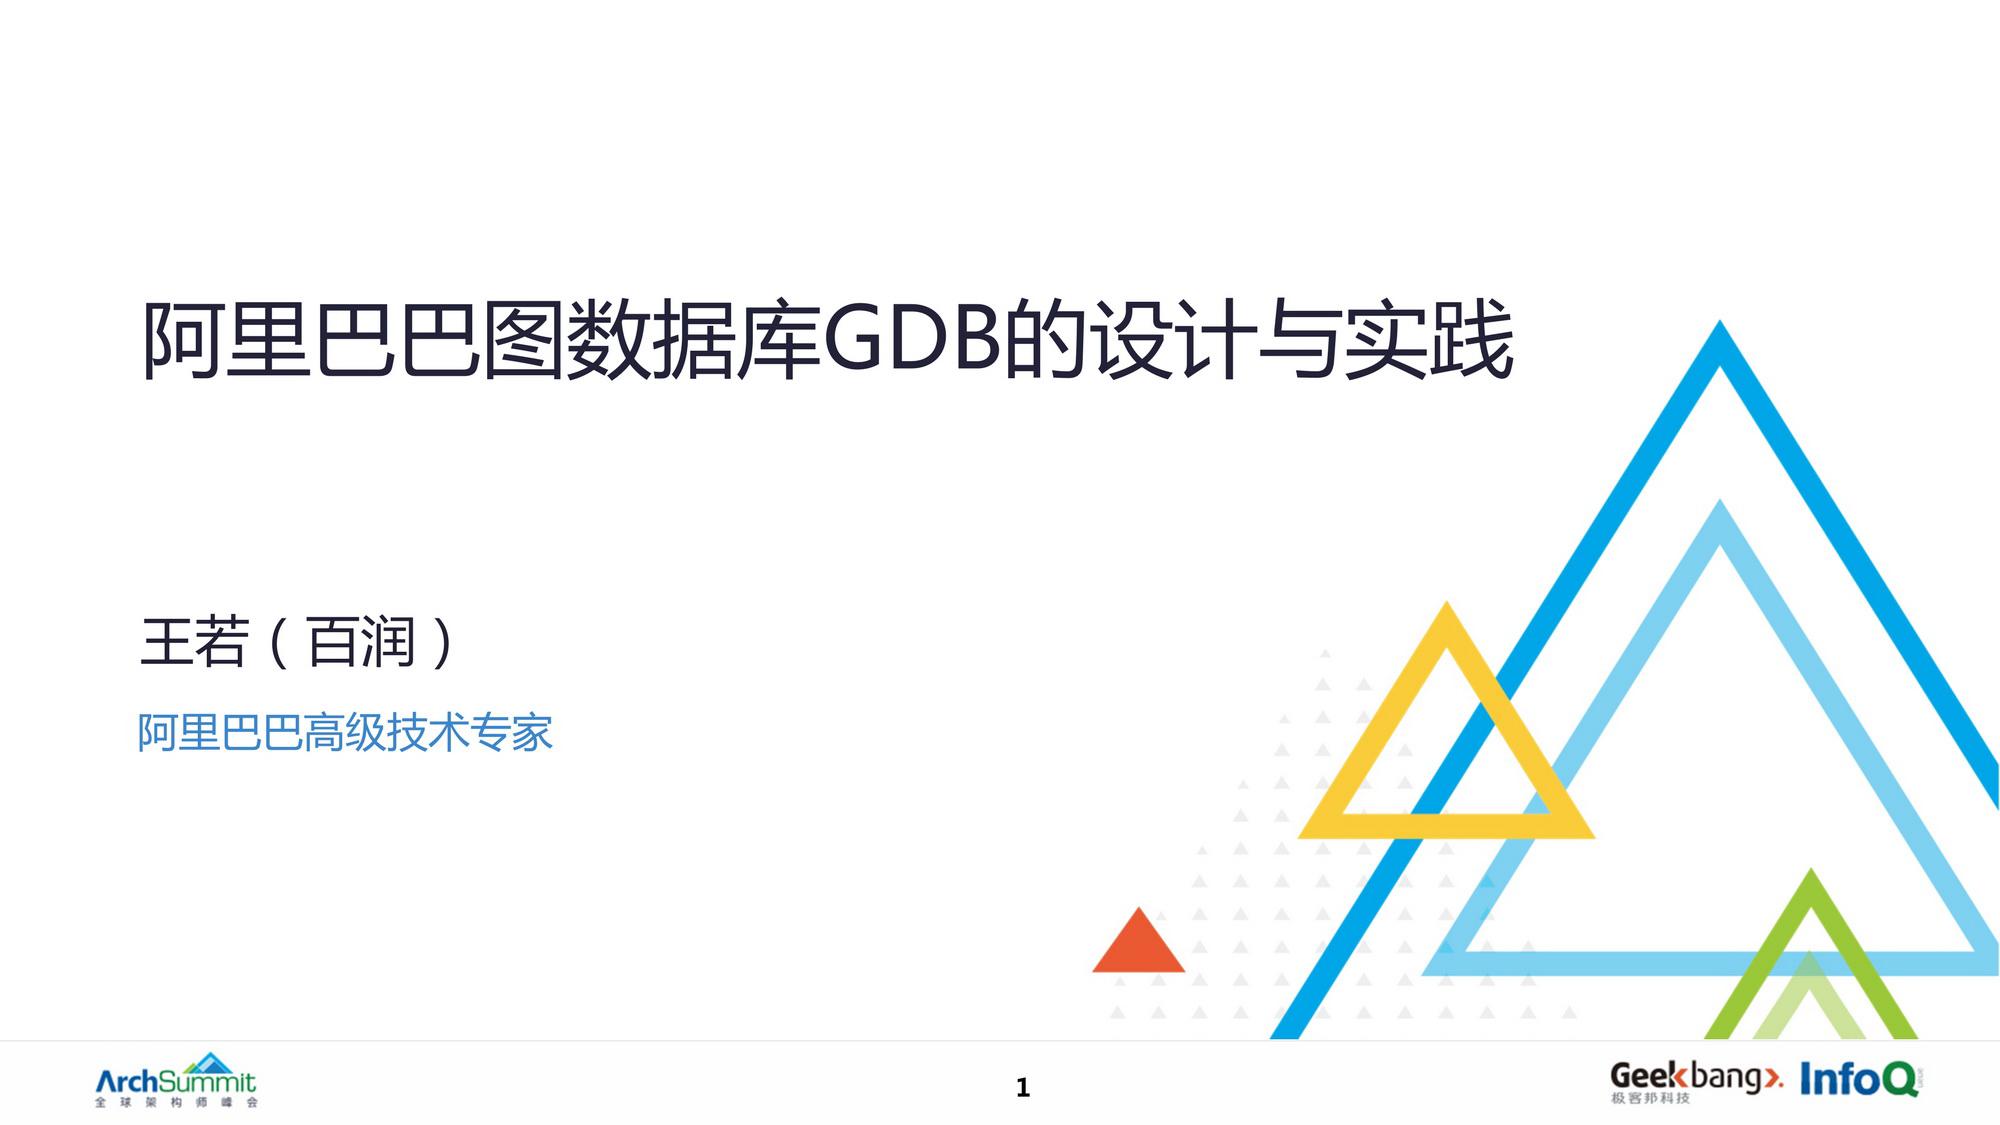 阿里巴巴图数据库 GDB 的设计与实践